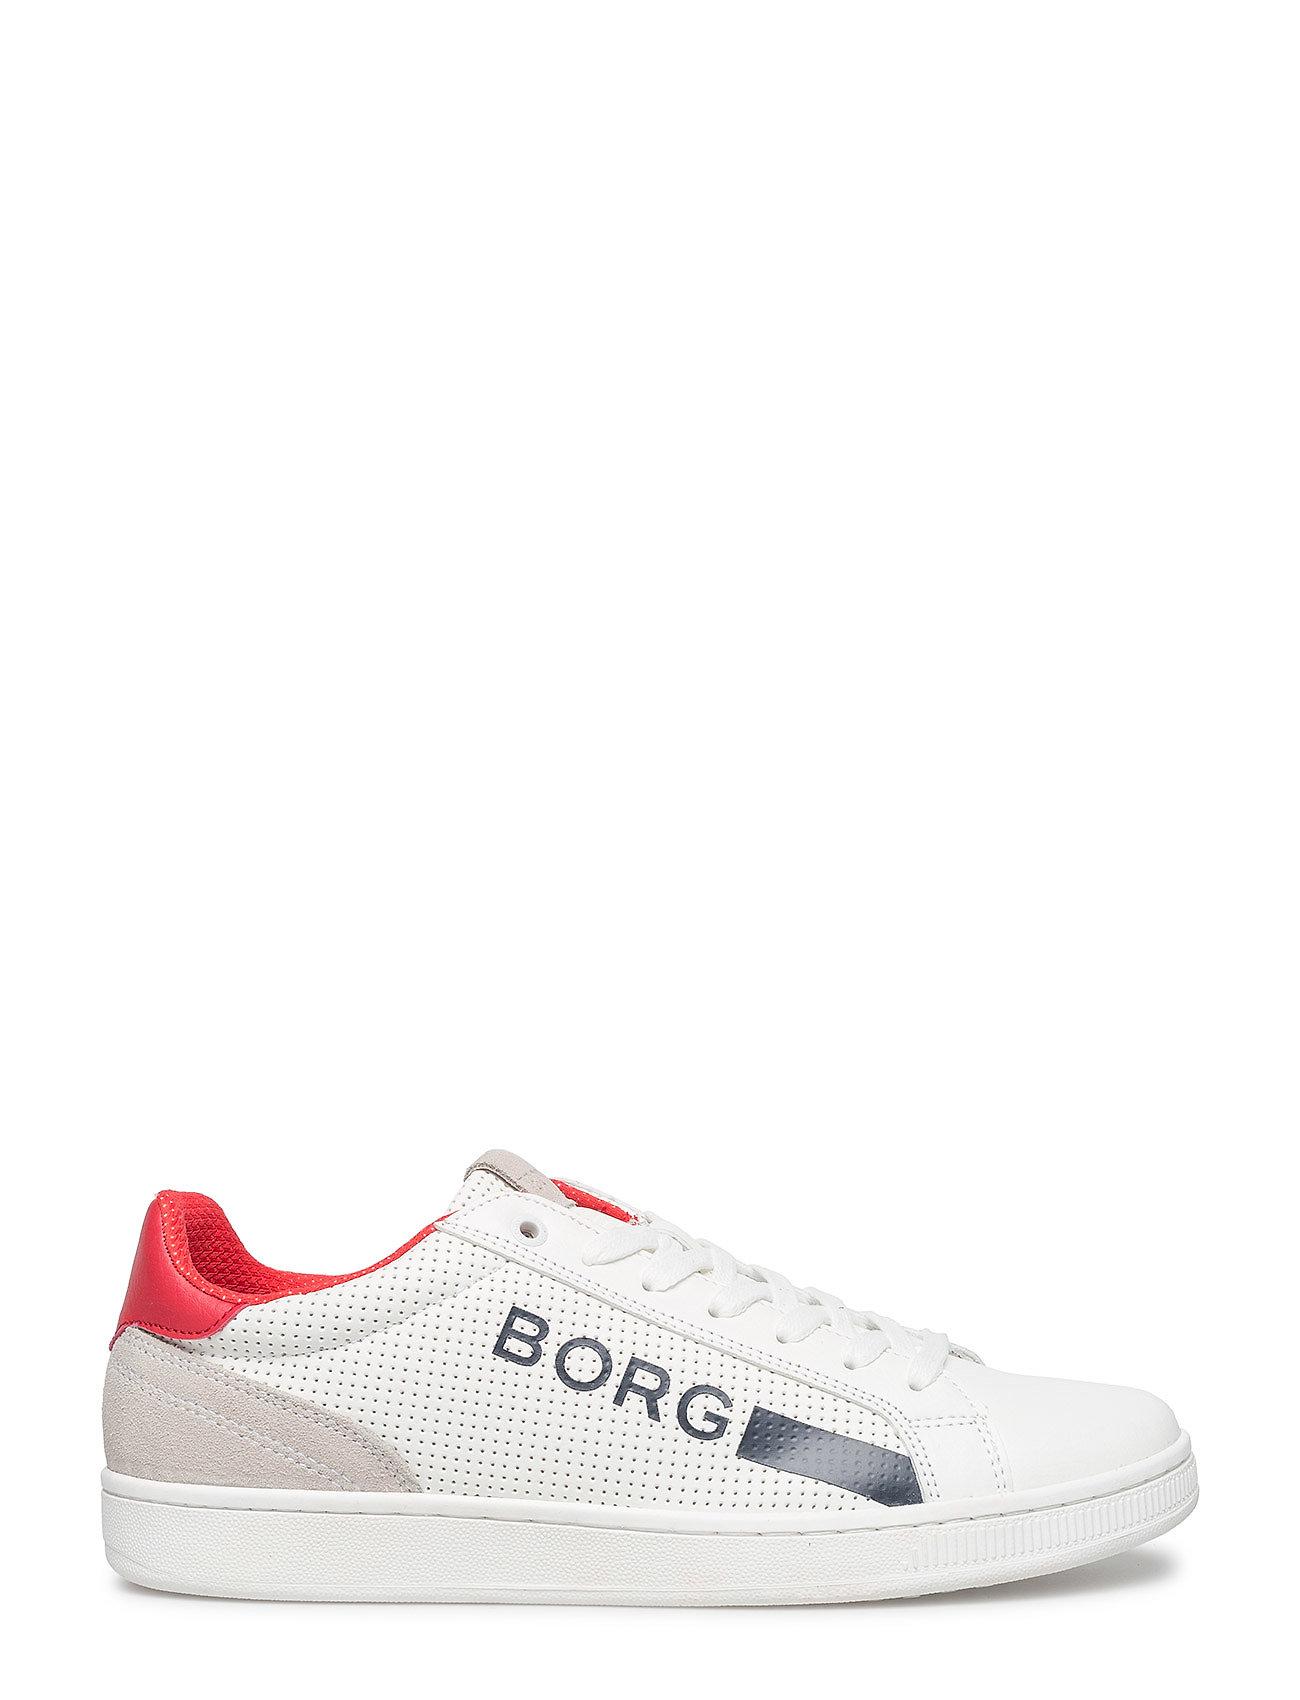 T330 Low Ctr Prf M Low-top Sneakers Hvid Björn Borg